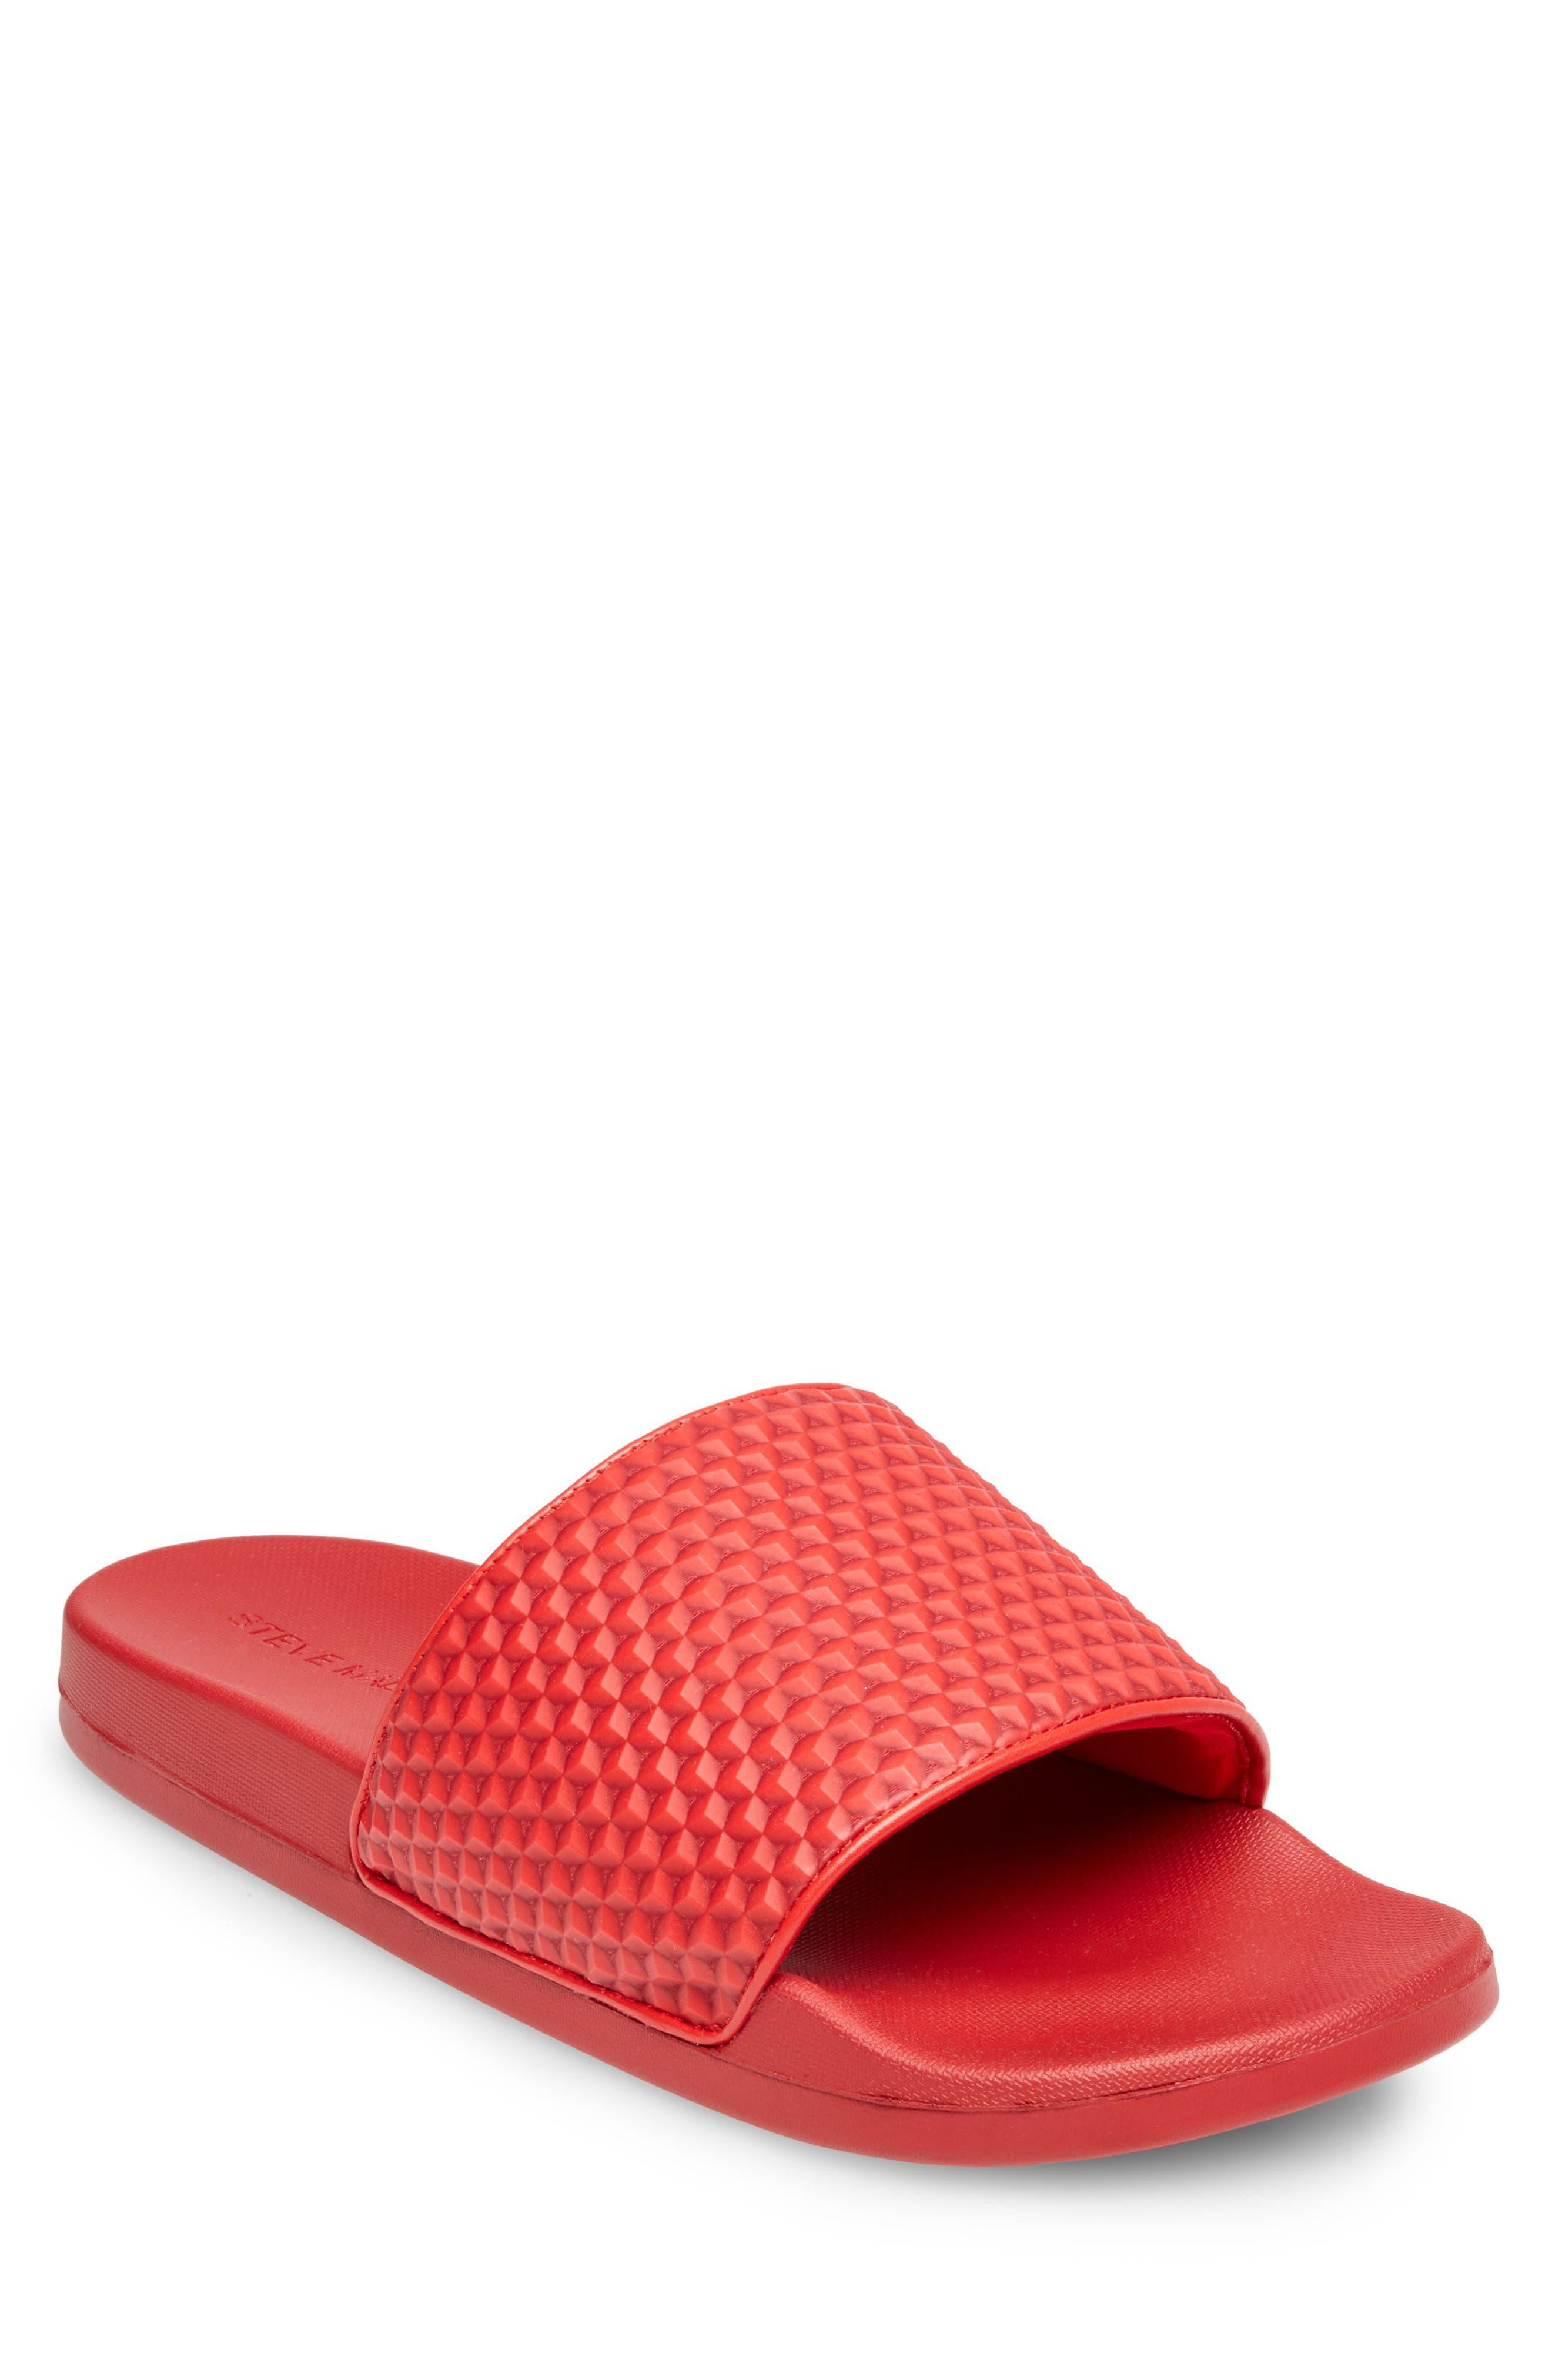 Riptide Slide Sandal,                         Main,                         color, Red